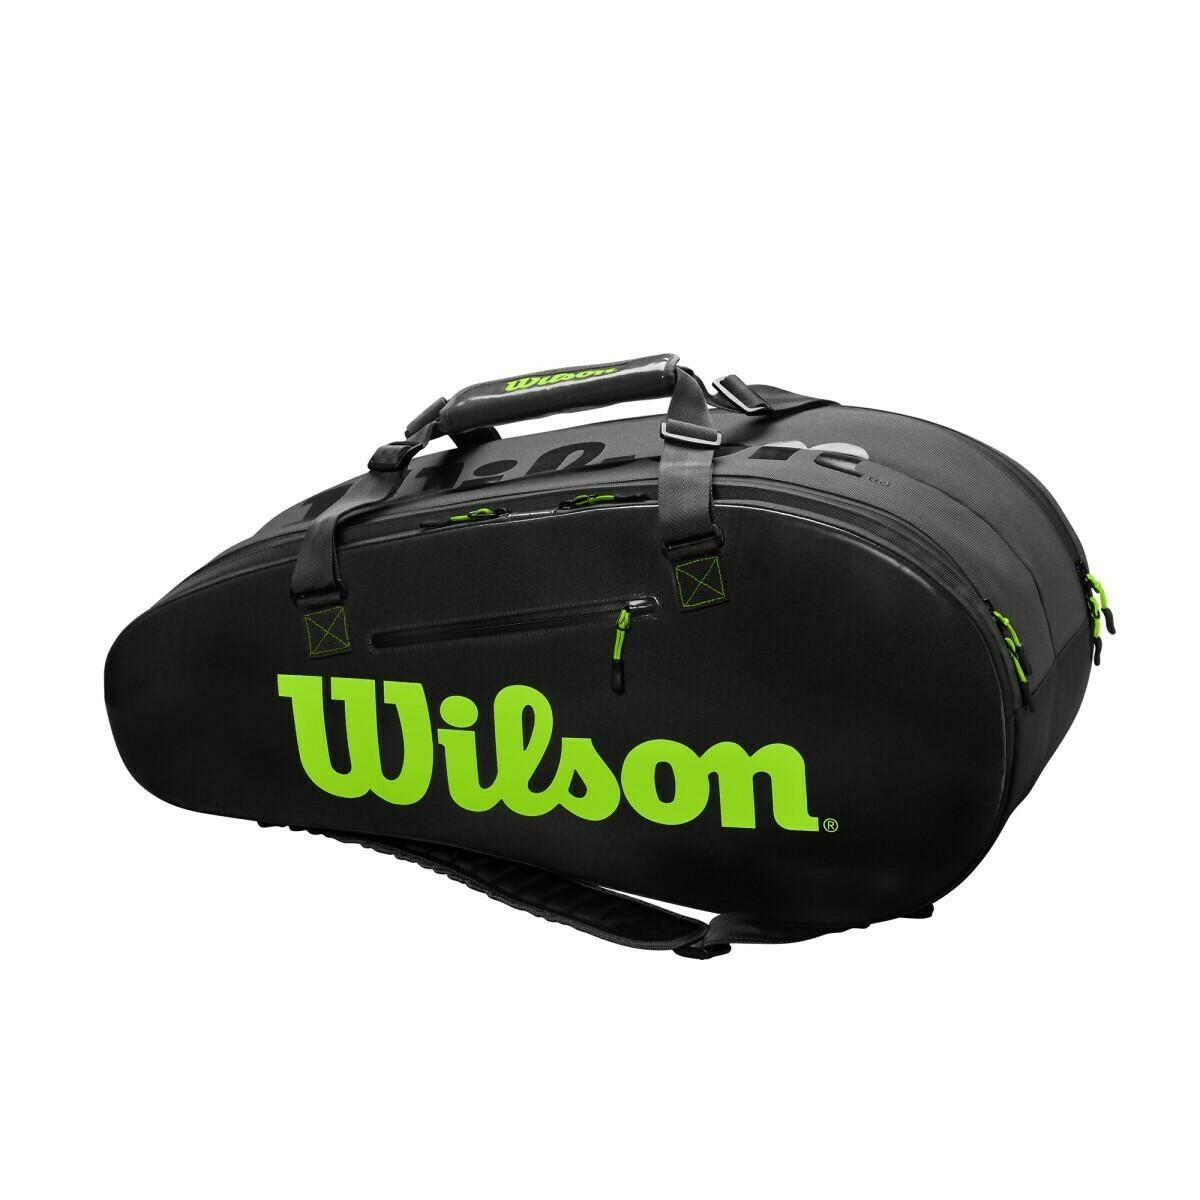 Wilson Super Tour 2 Comp Large Bag - Charcoal